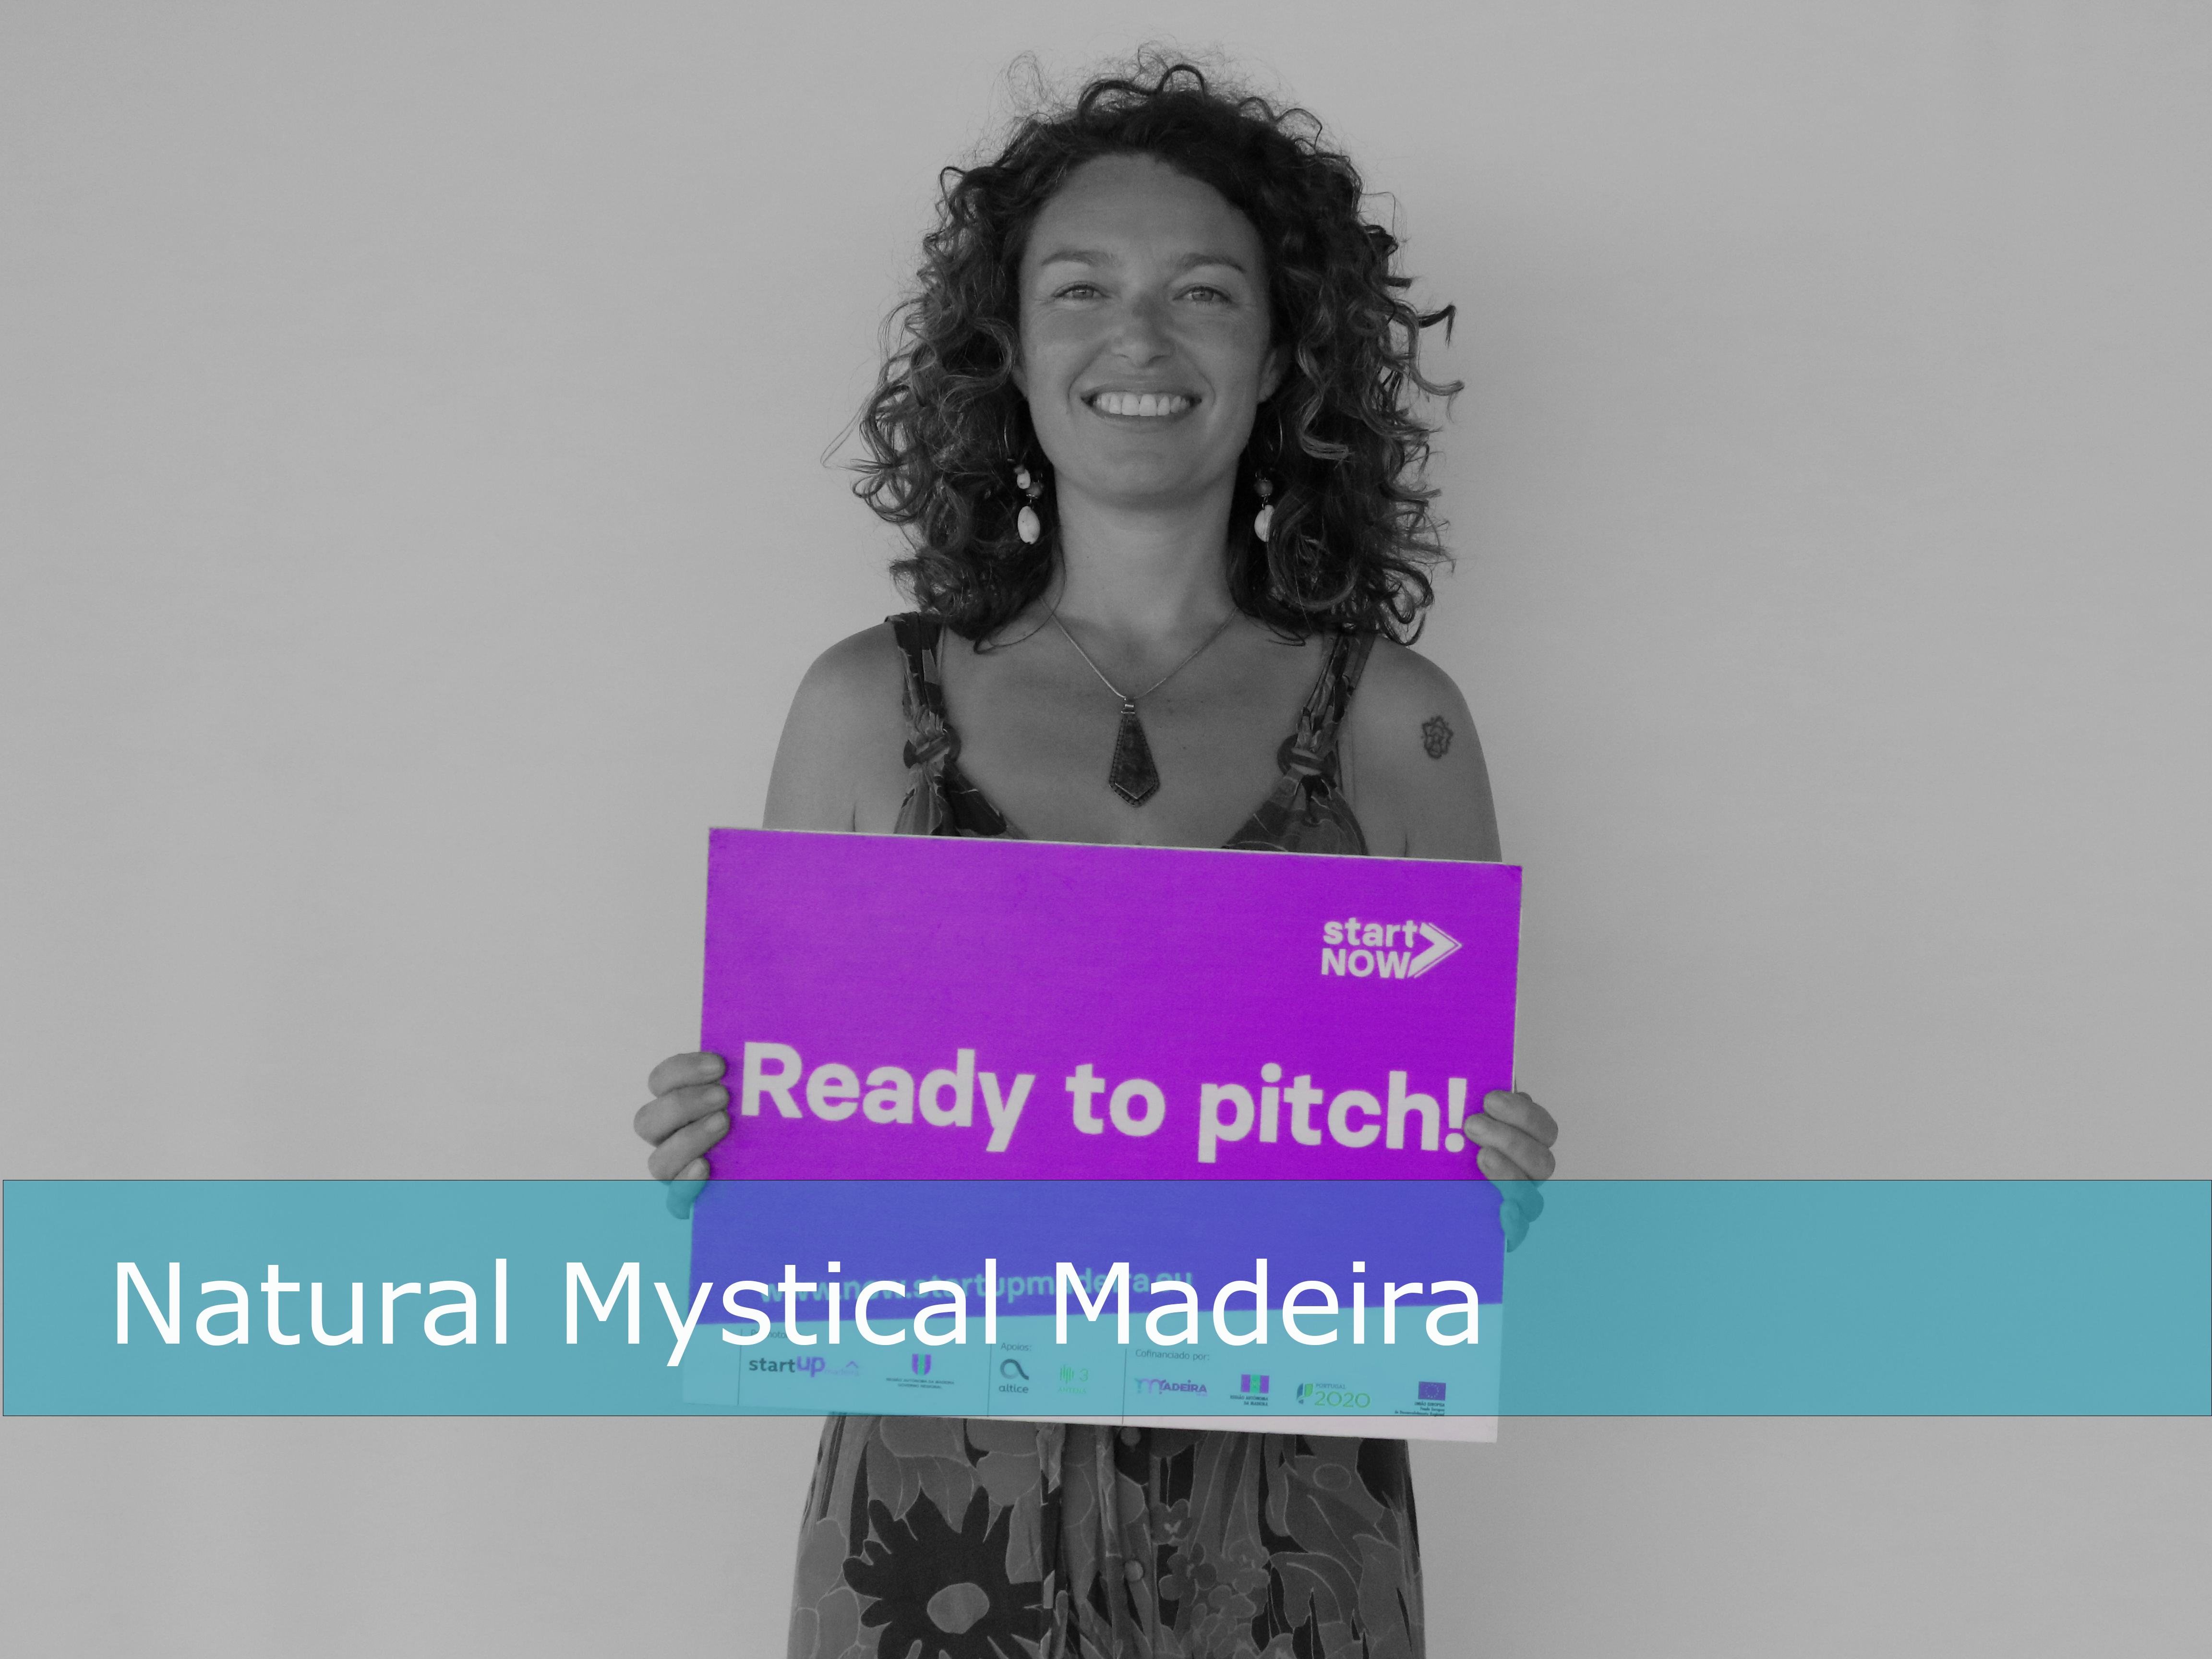 Natural Mystic Madeira